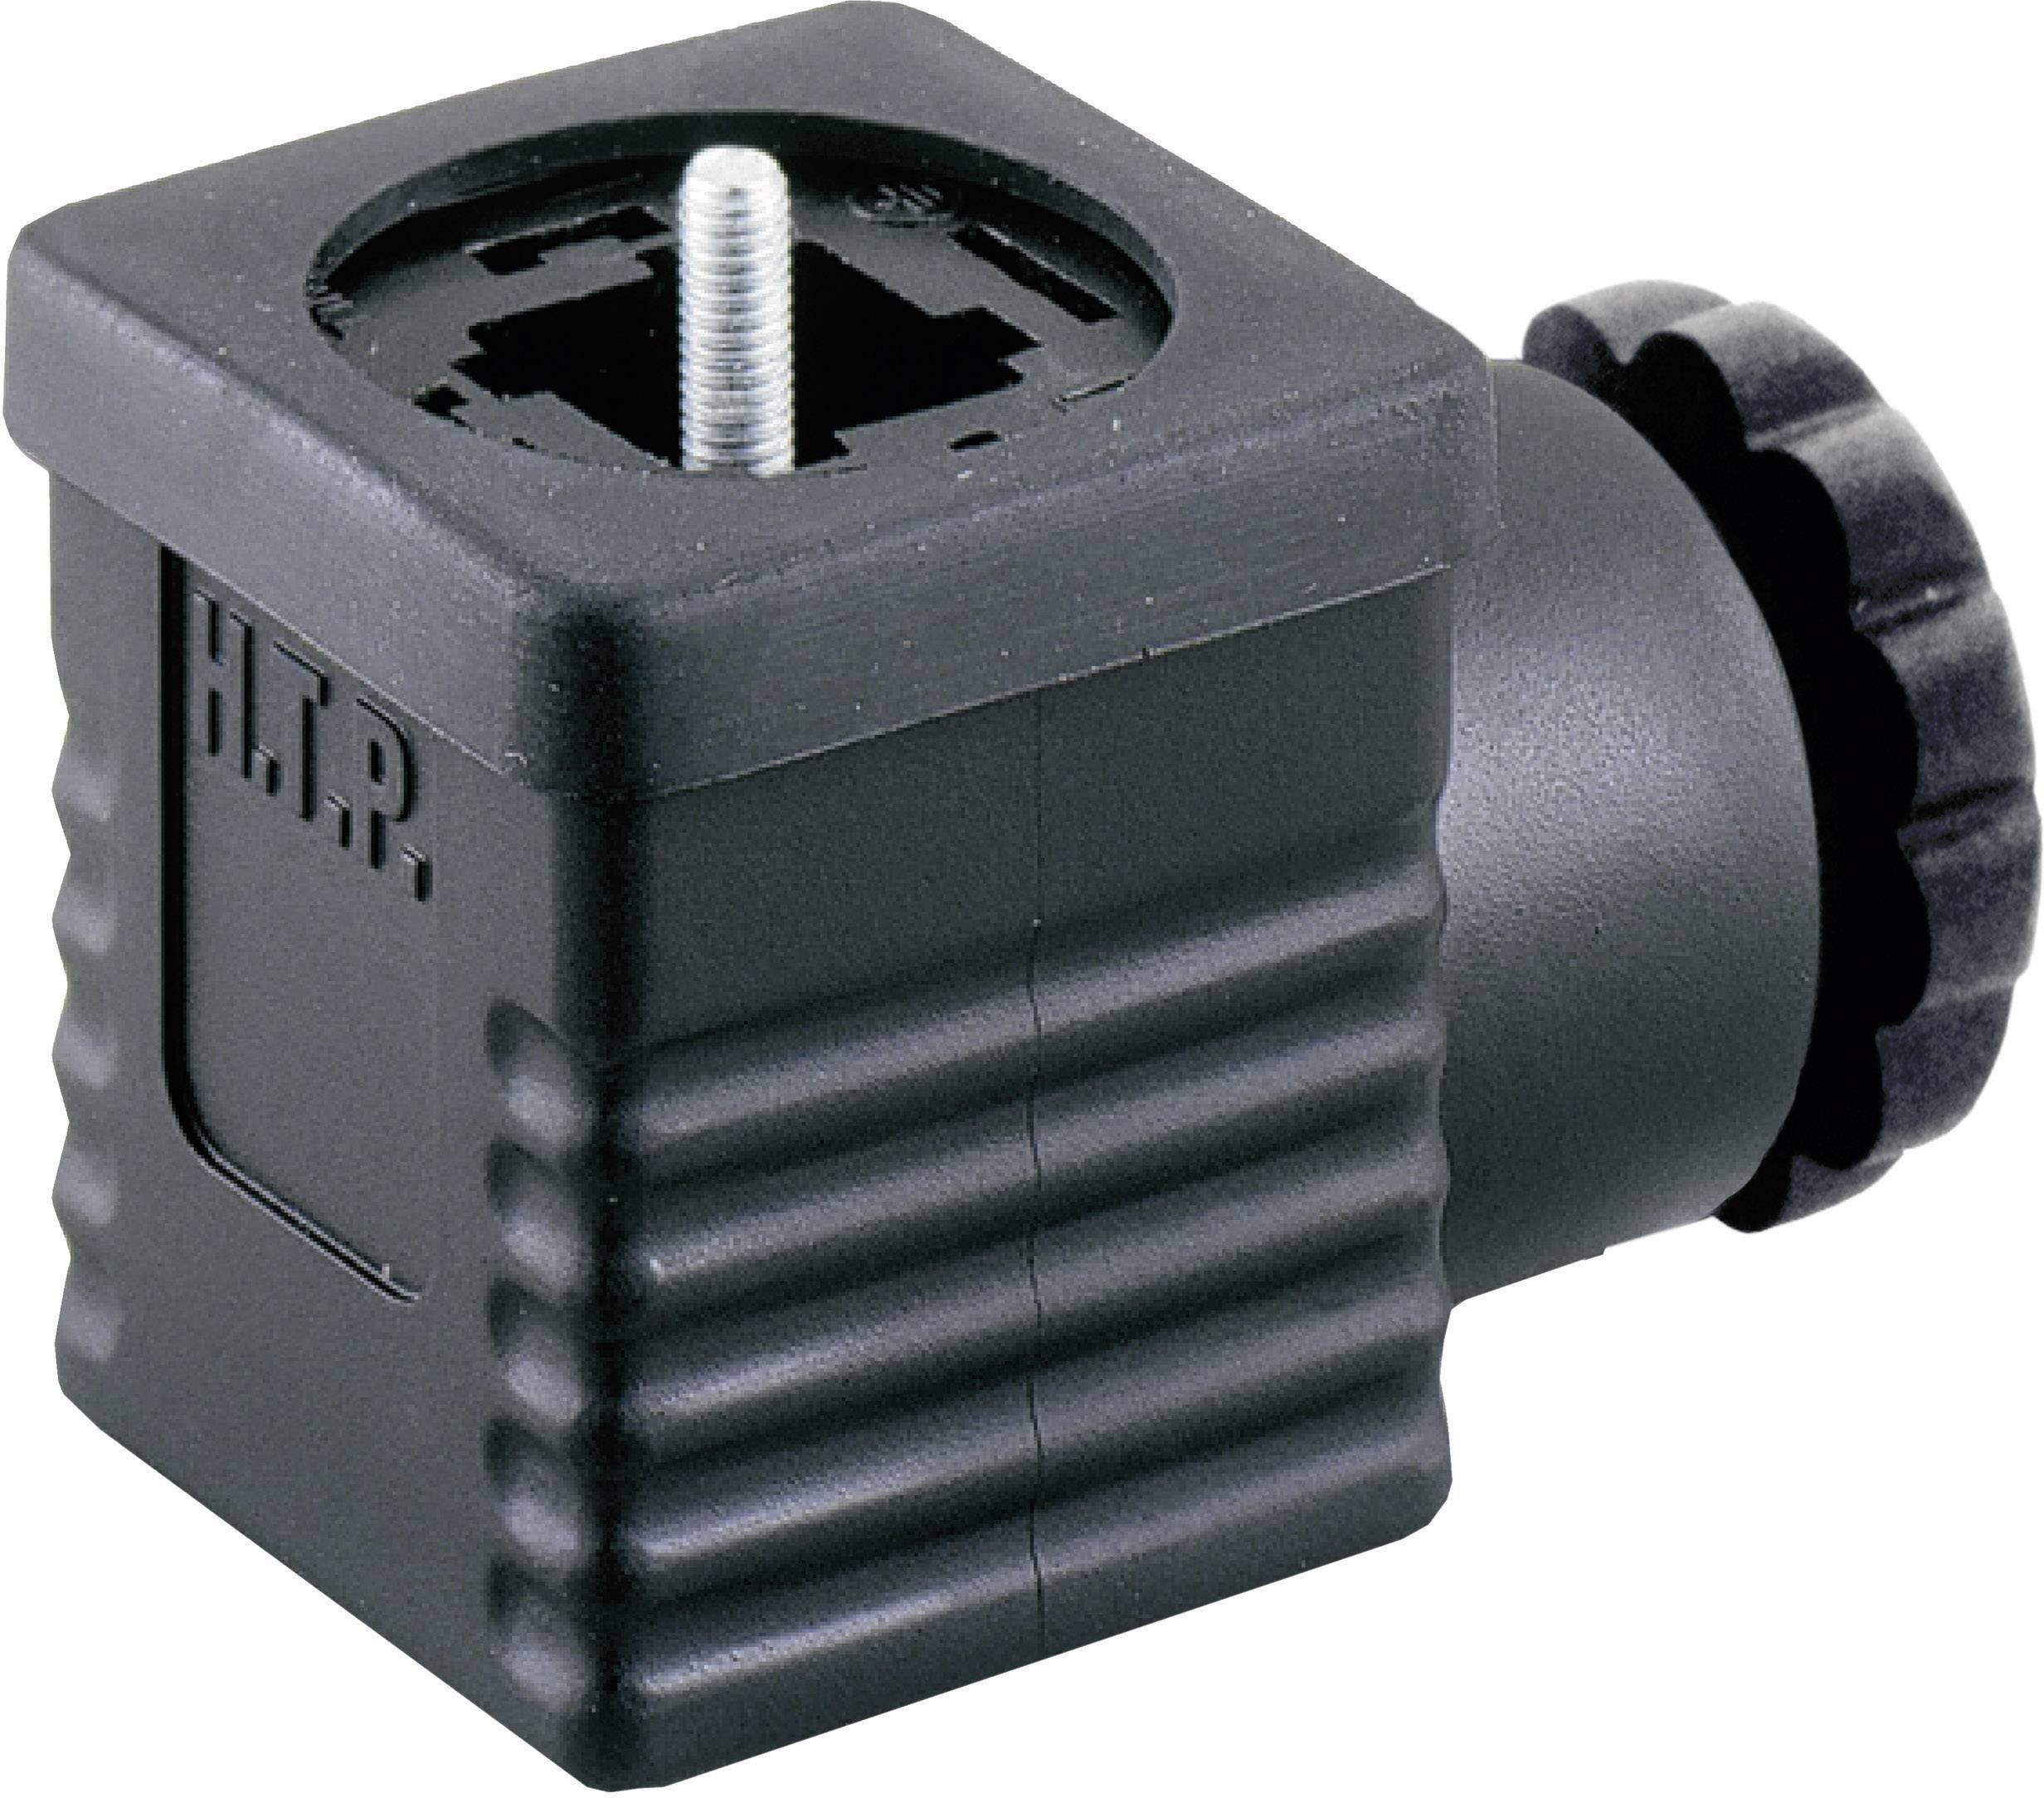 Ventilový konektor HTP G1NU3000-H (G1NU3000), IP65 (namontované), černá